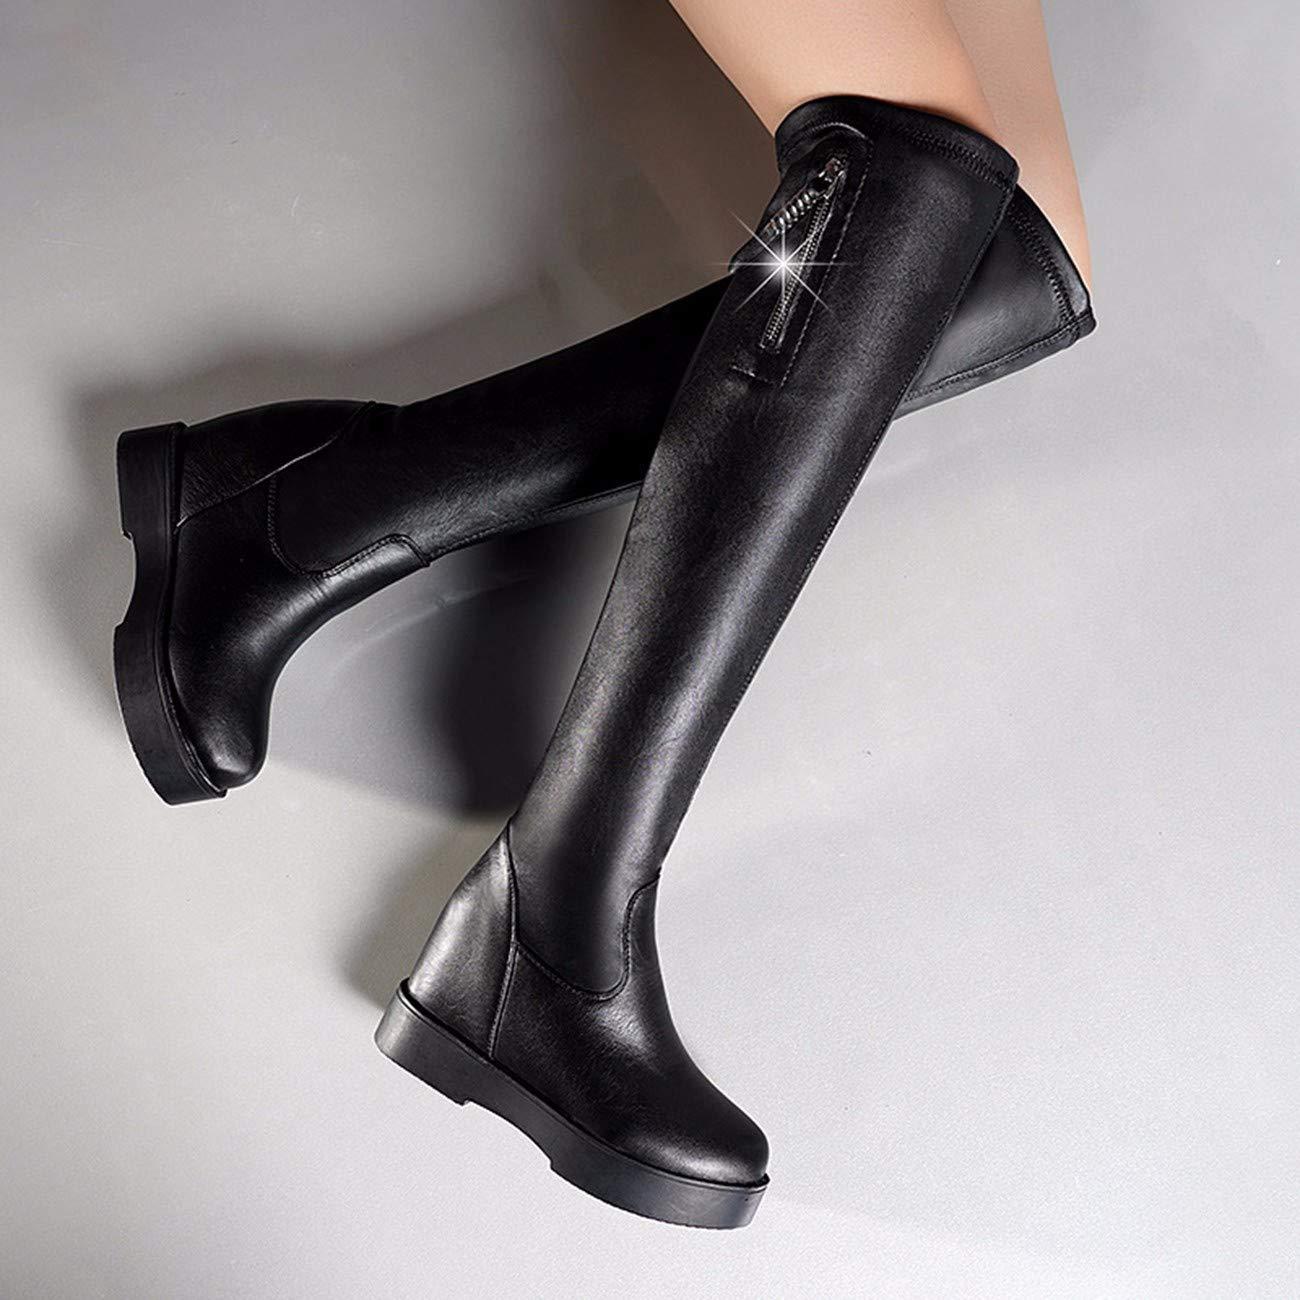 QPGGP-Stiefel Frauen - Herbst - Winter So Stiefel Martin Stiefel Europäische Und Amerikanische Stiefel So Warme Runde Mädchen. d7667f